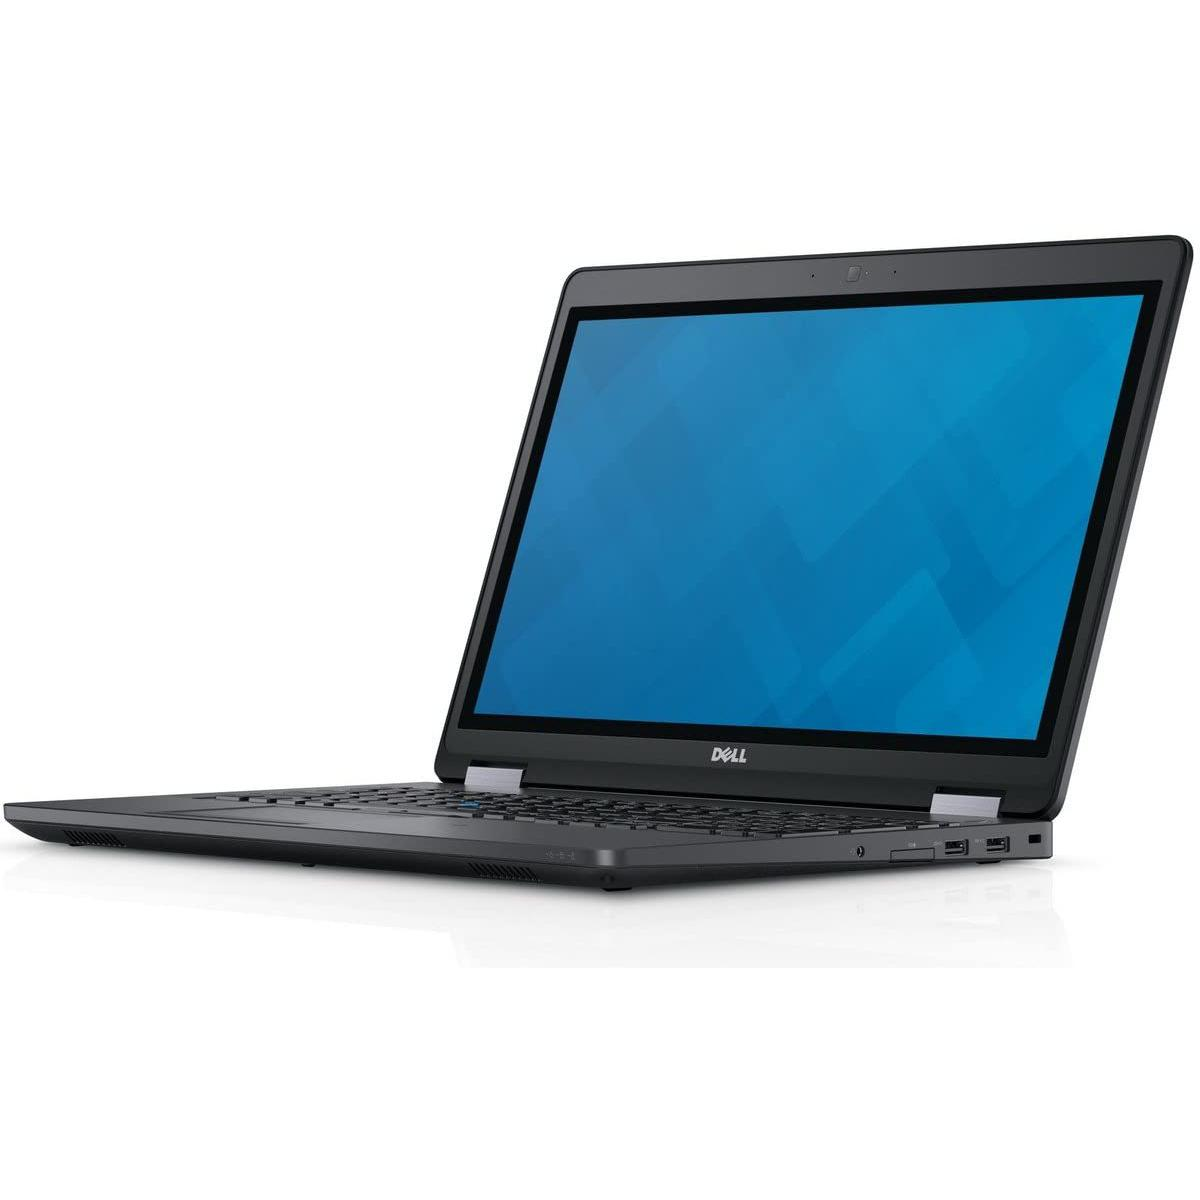 Dell Latitude E5570 15.6-inch (2016) - Core i5-6300U - 8 GB - SSD 128 GB